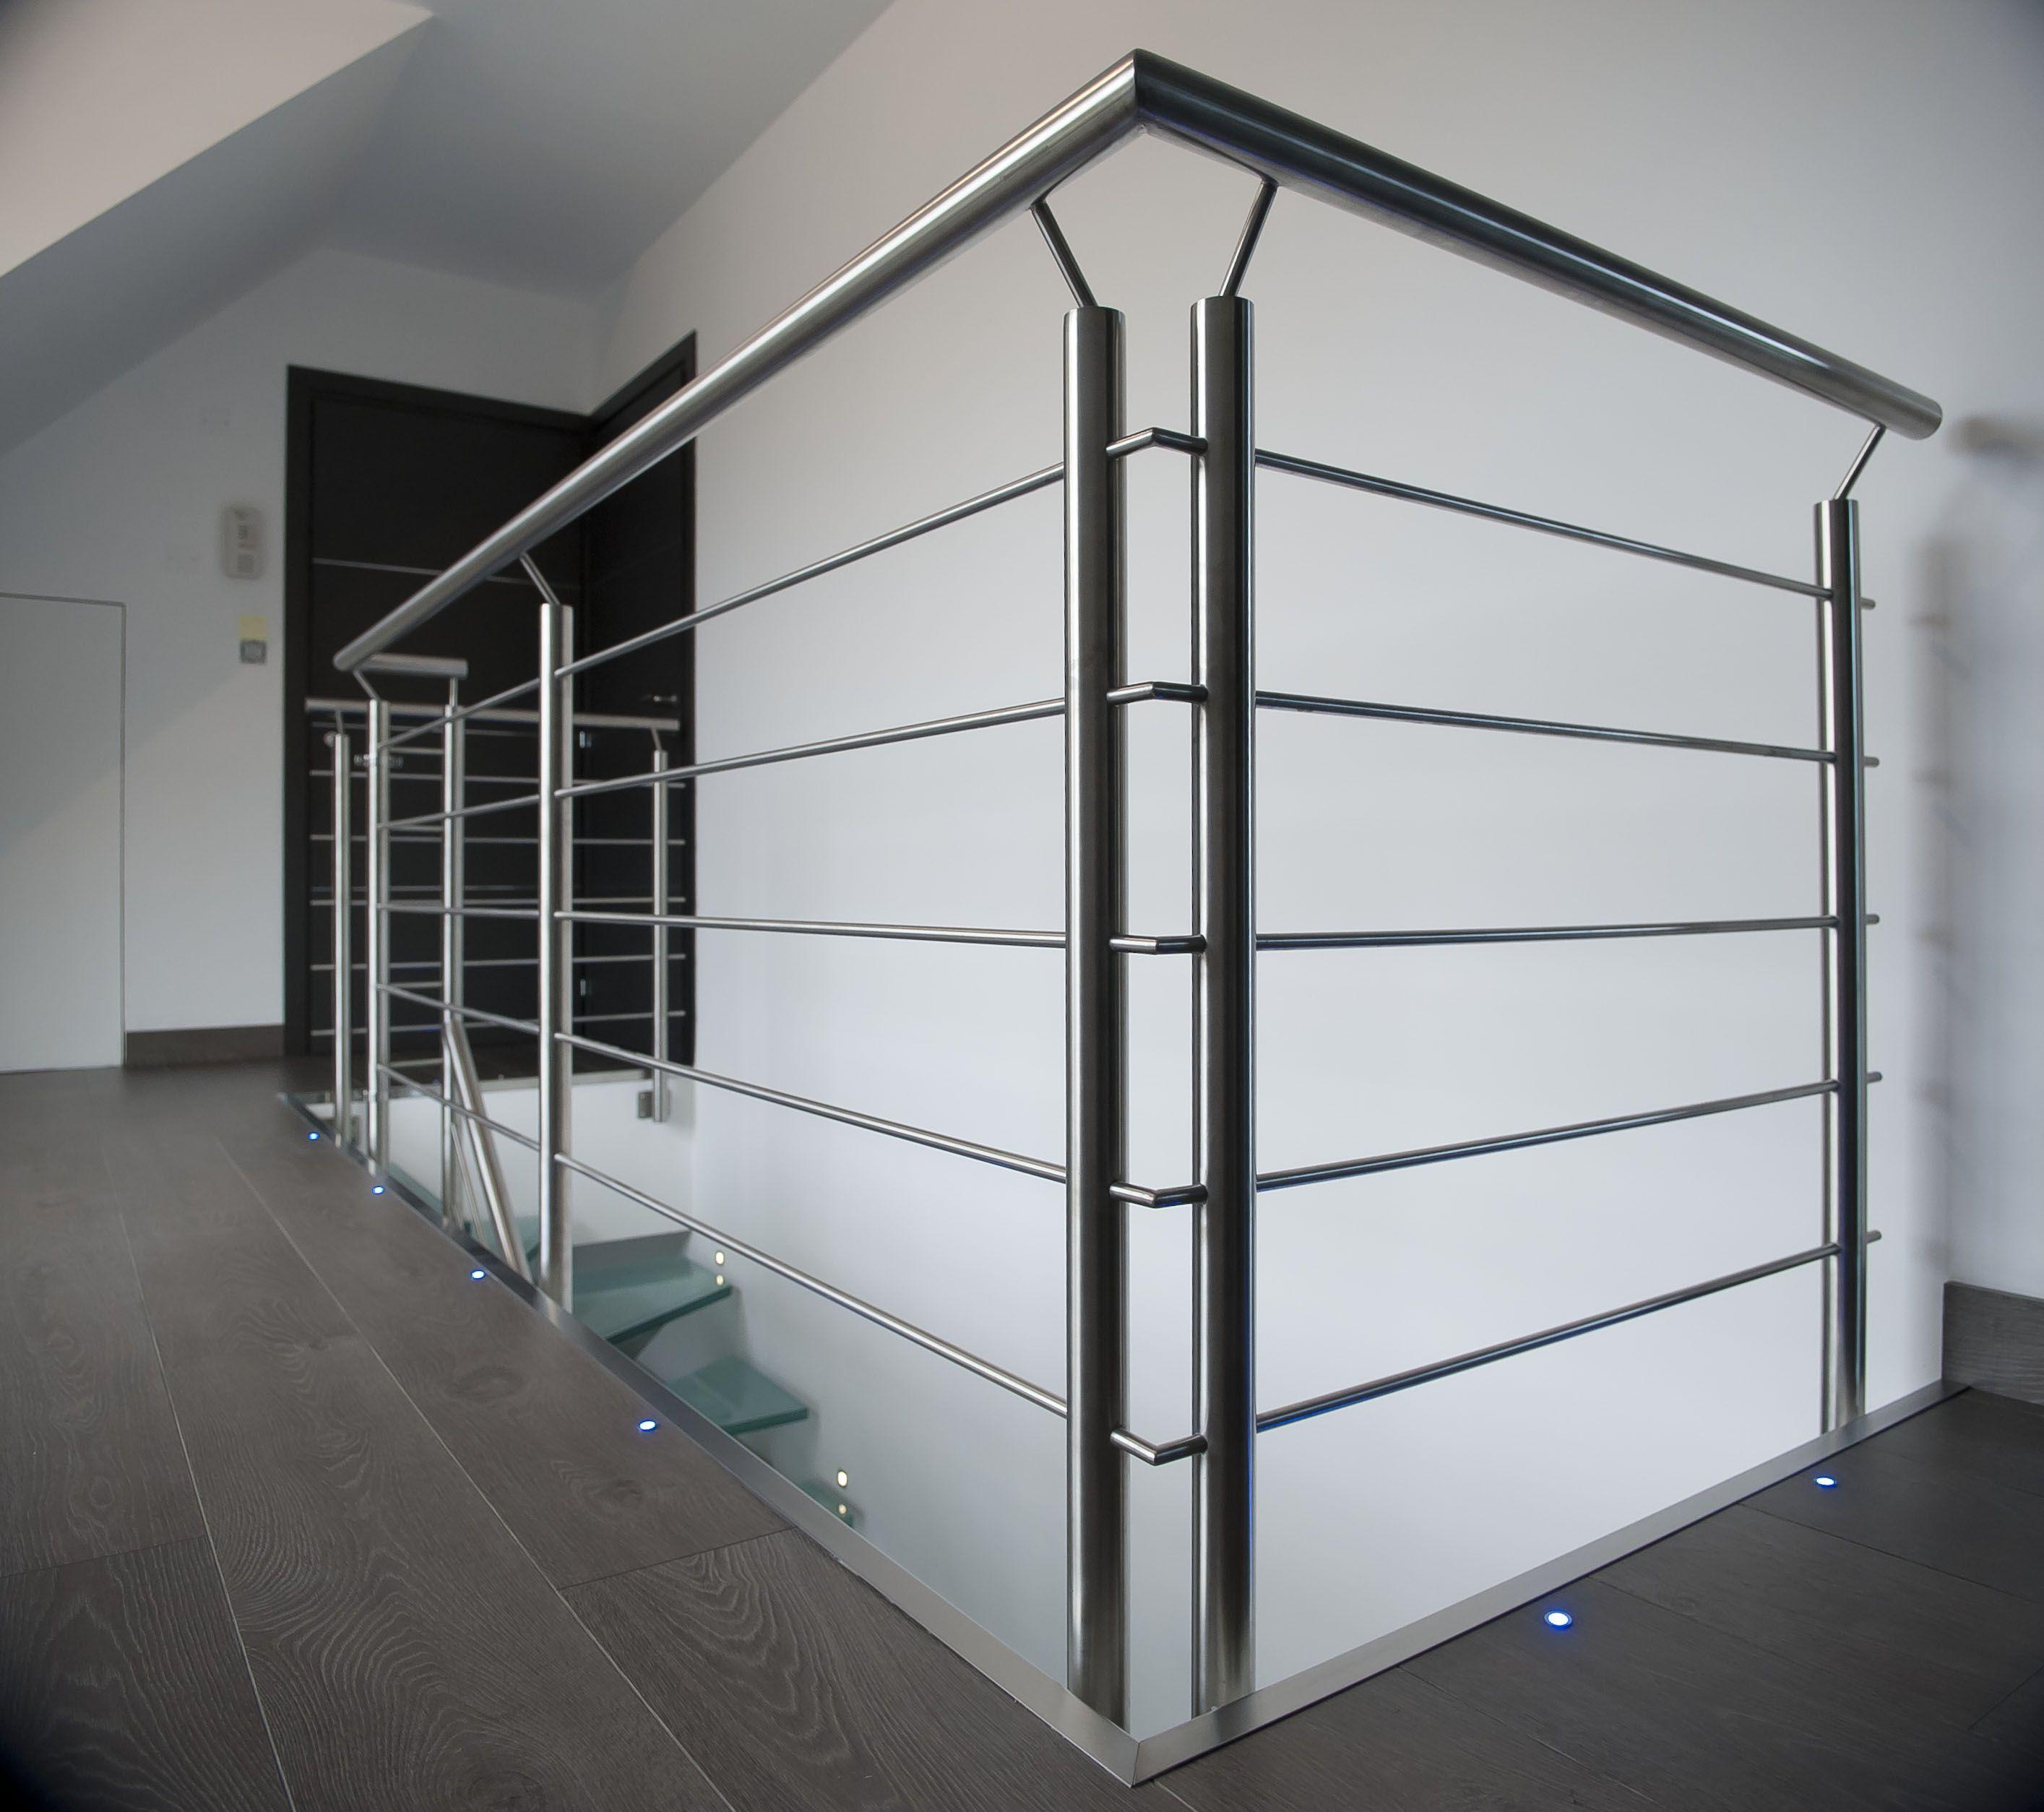 Garde Corps Et Rambarde Metallique Inox Brosse Stair Railing Design House Main Gates Design Railing Design